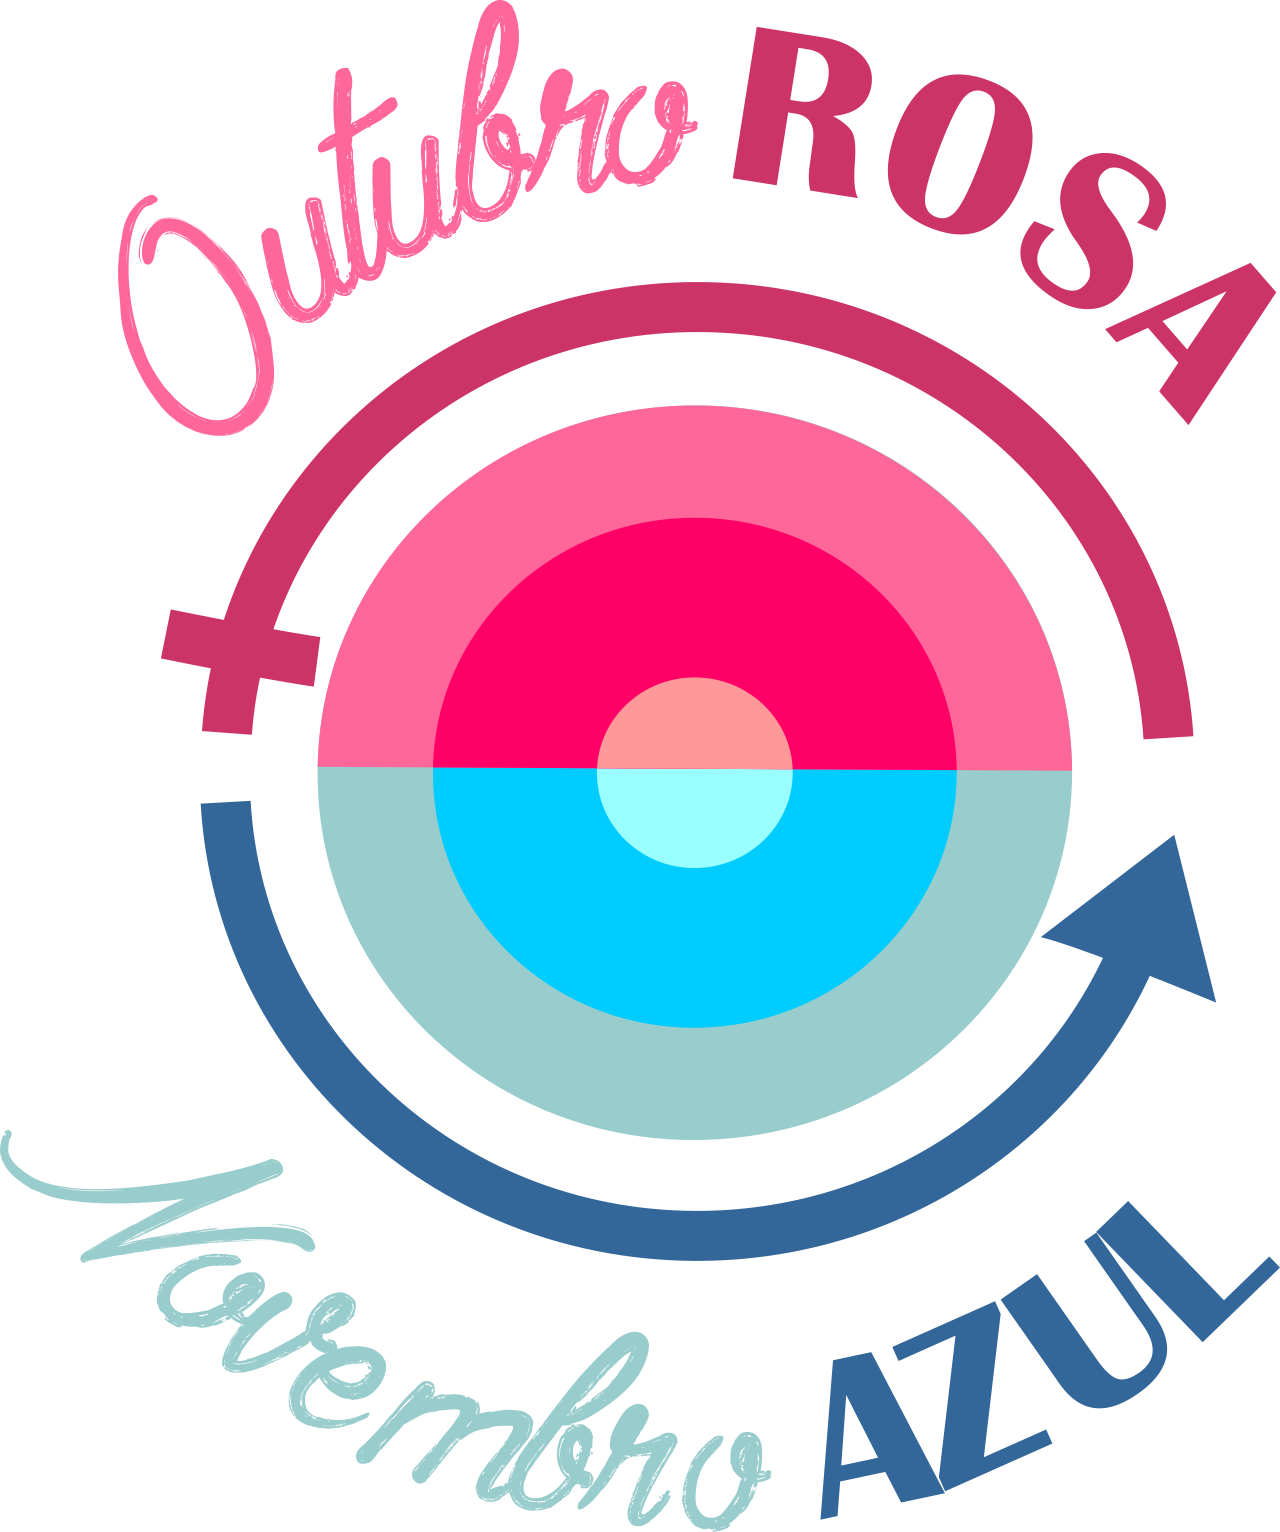 Resultado de imagem para fundo outubro rosa e novembro azul OUTUBRO ROSA E NOVEMBRO AZUL -> Decoração Para Outubro Rosa E Novembro Azul